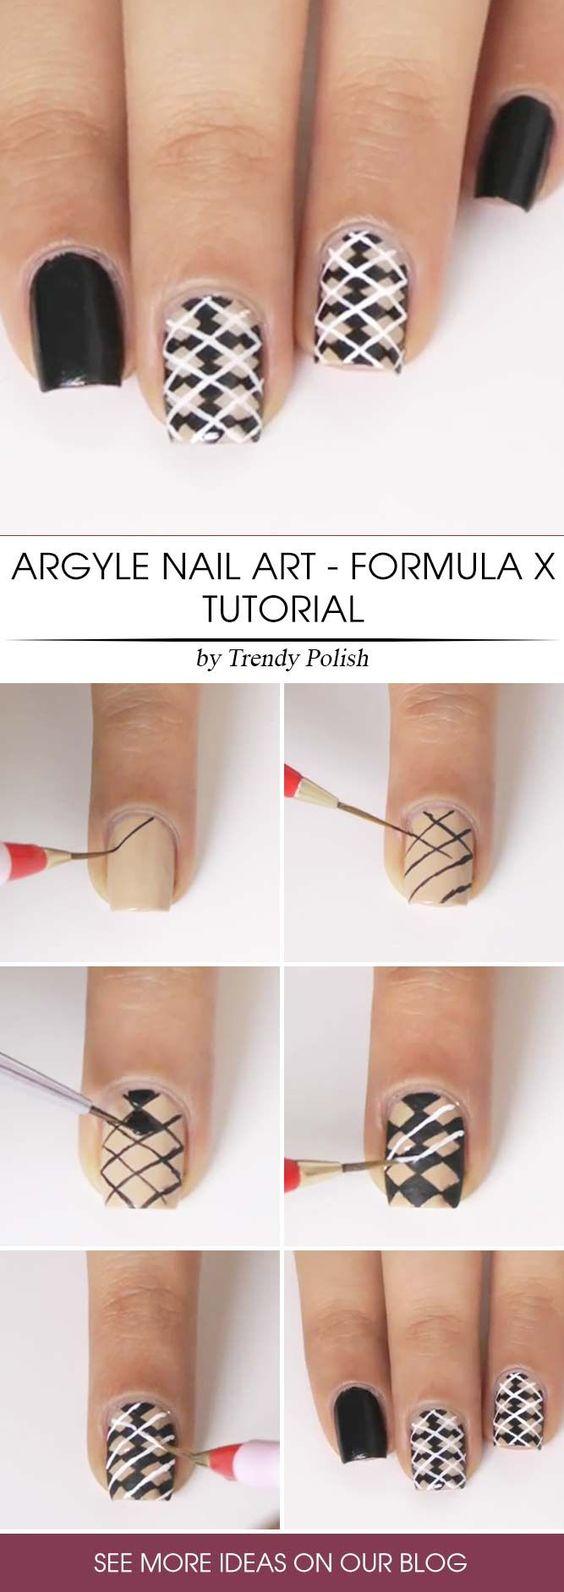 Argyle nail art manicure 5